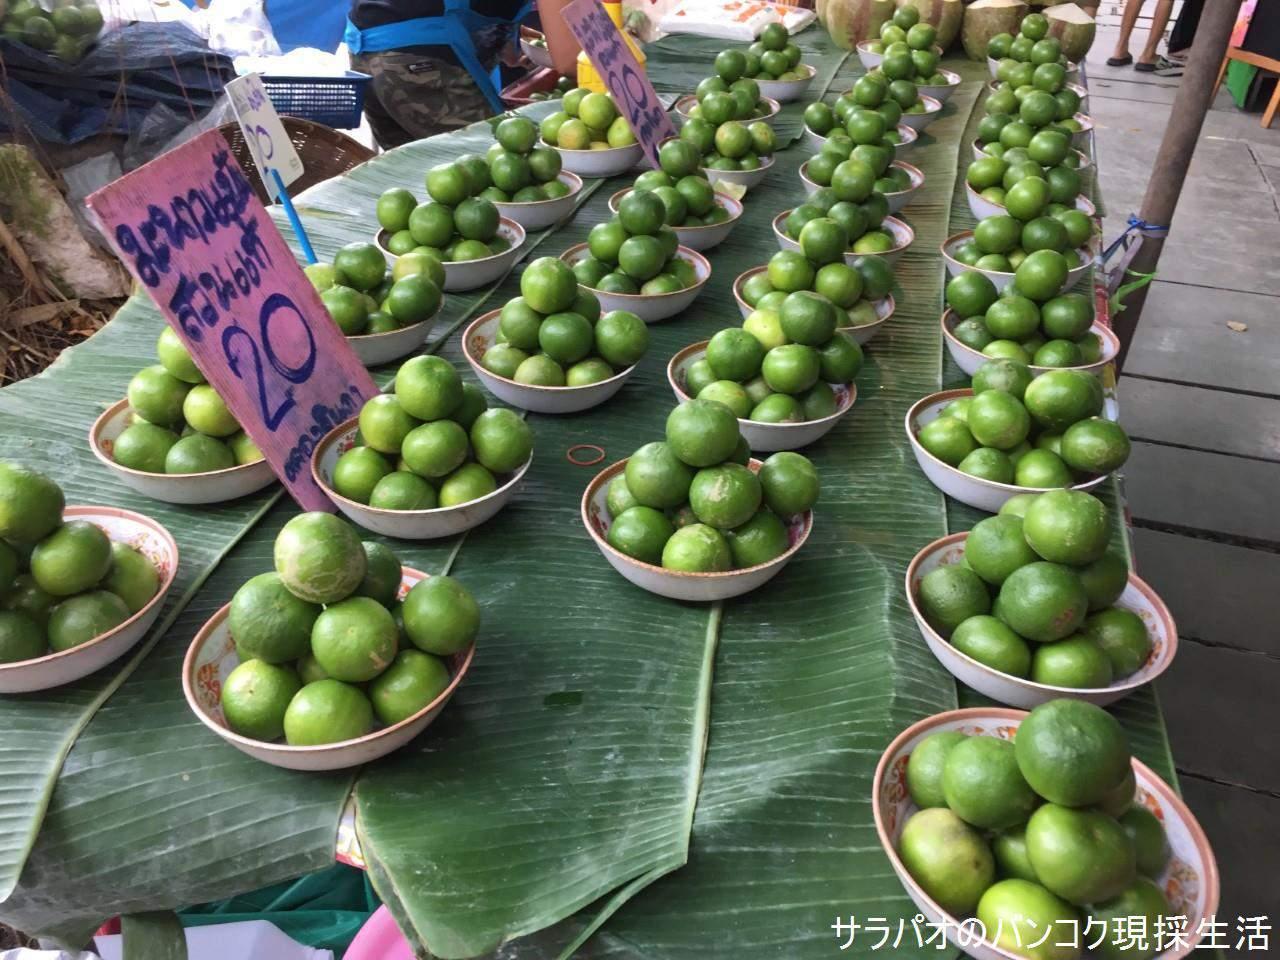 KhlongLatMaYomFloatingMarket_14.jpg